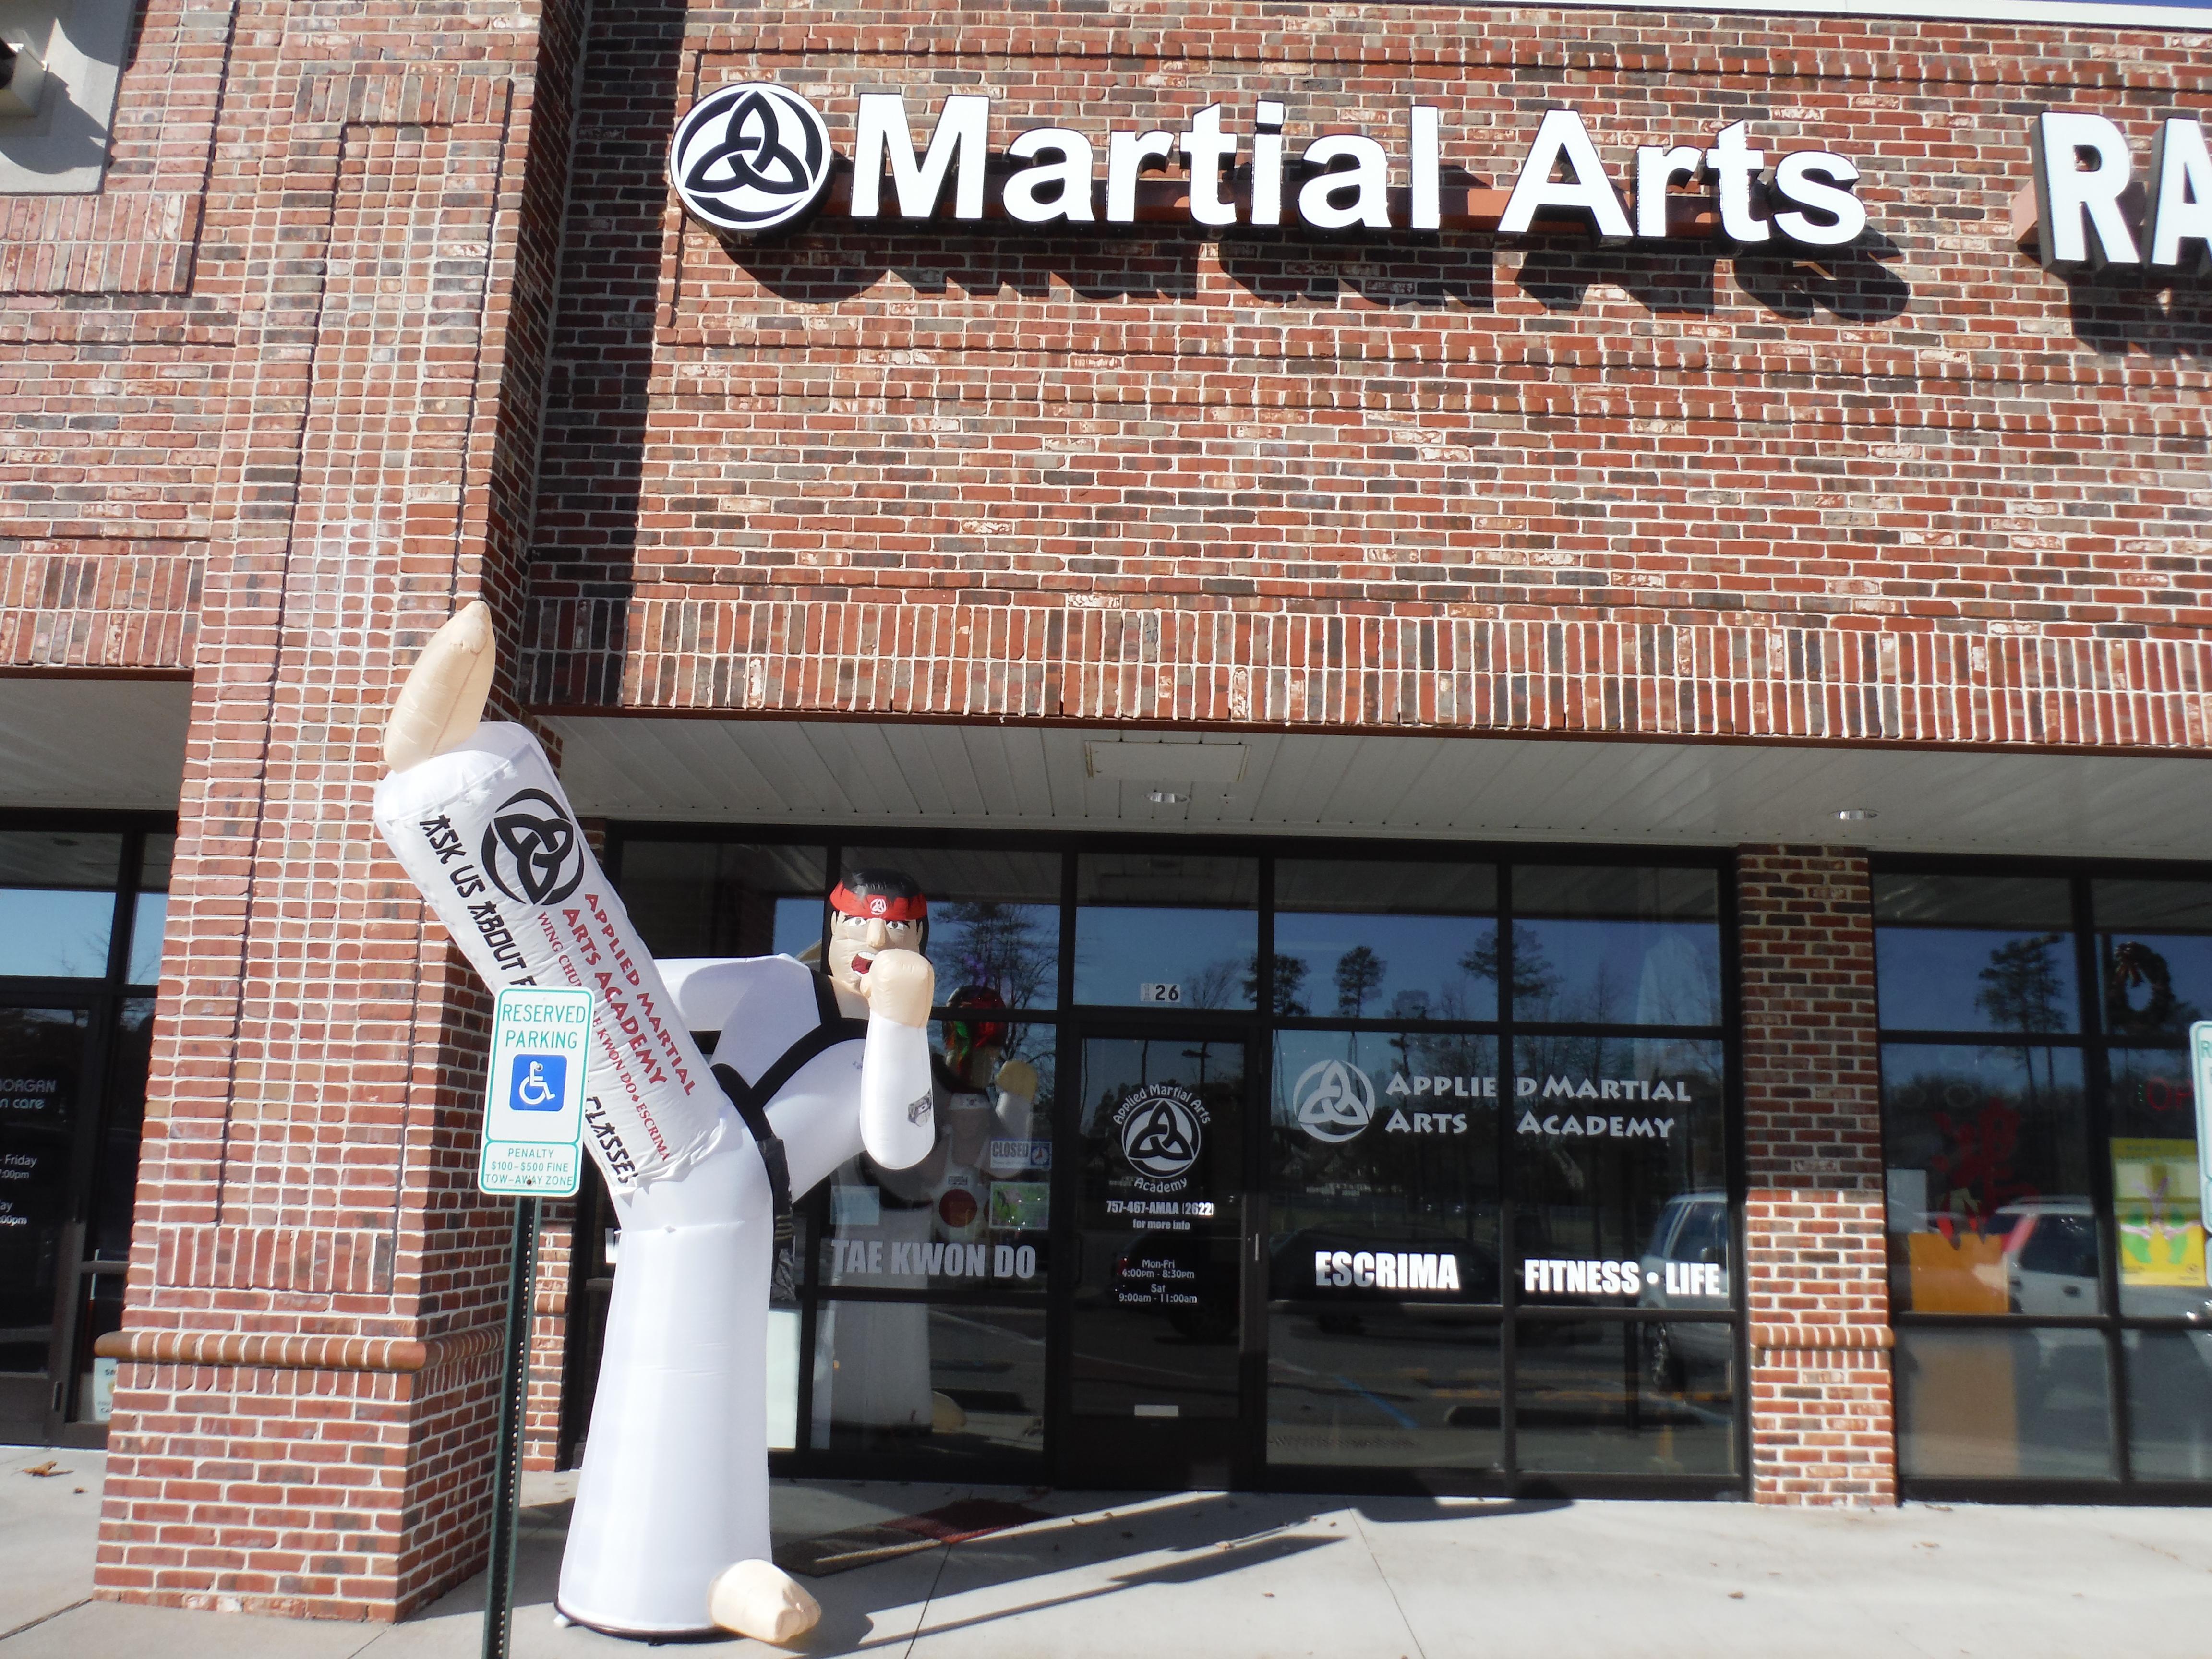 Applied Martial Arts Academy 4540 Princess Anne Rd Ste 126 Virginia Beach Va 23462 Yp Com